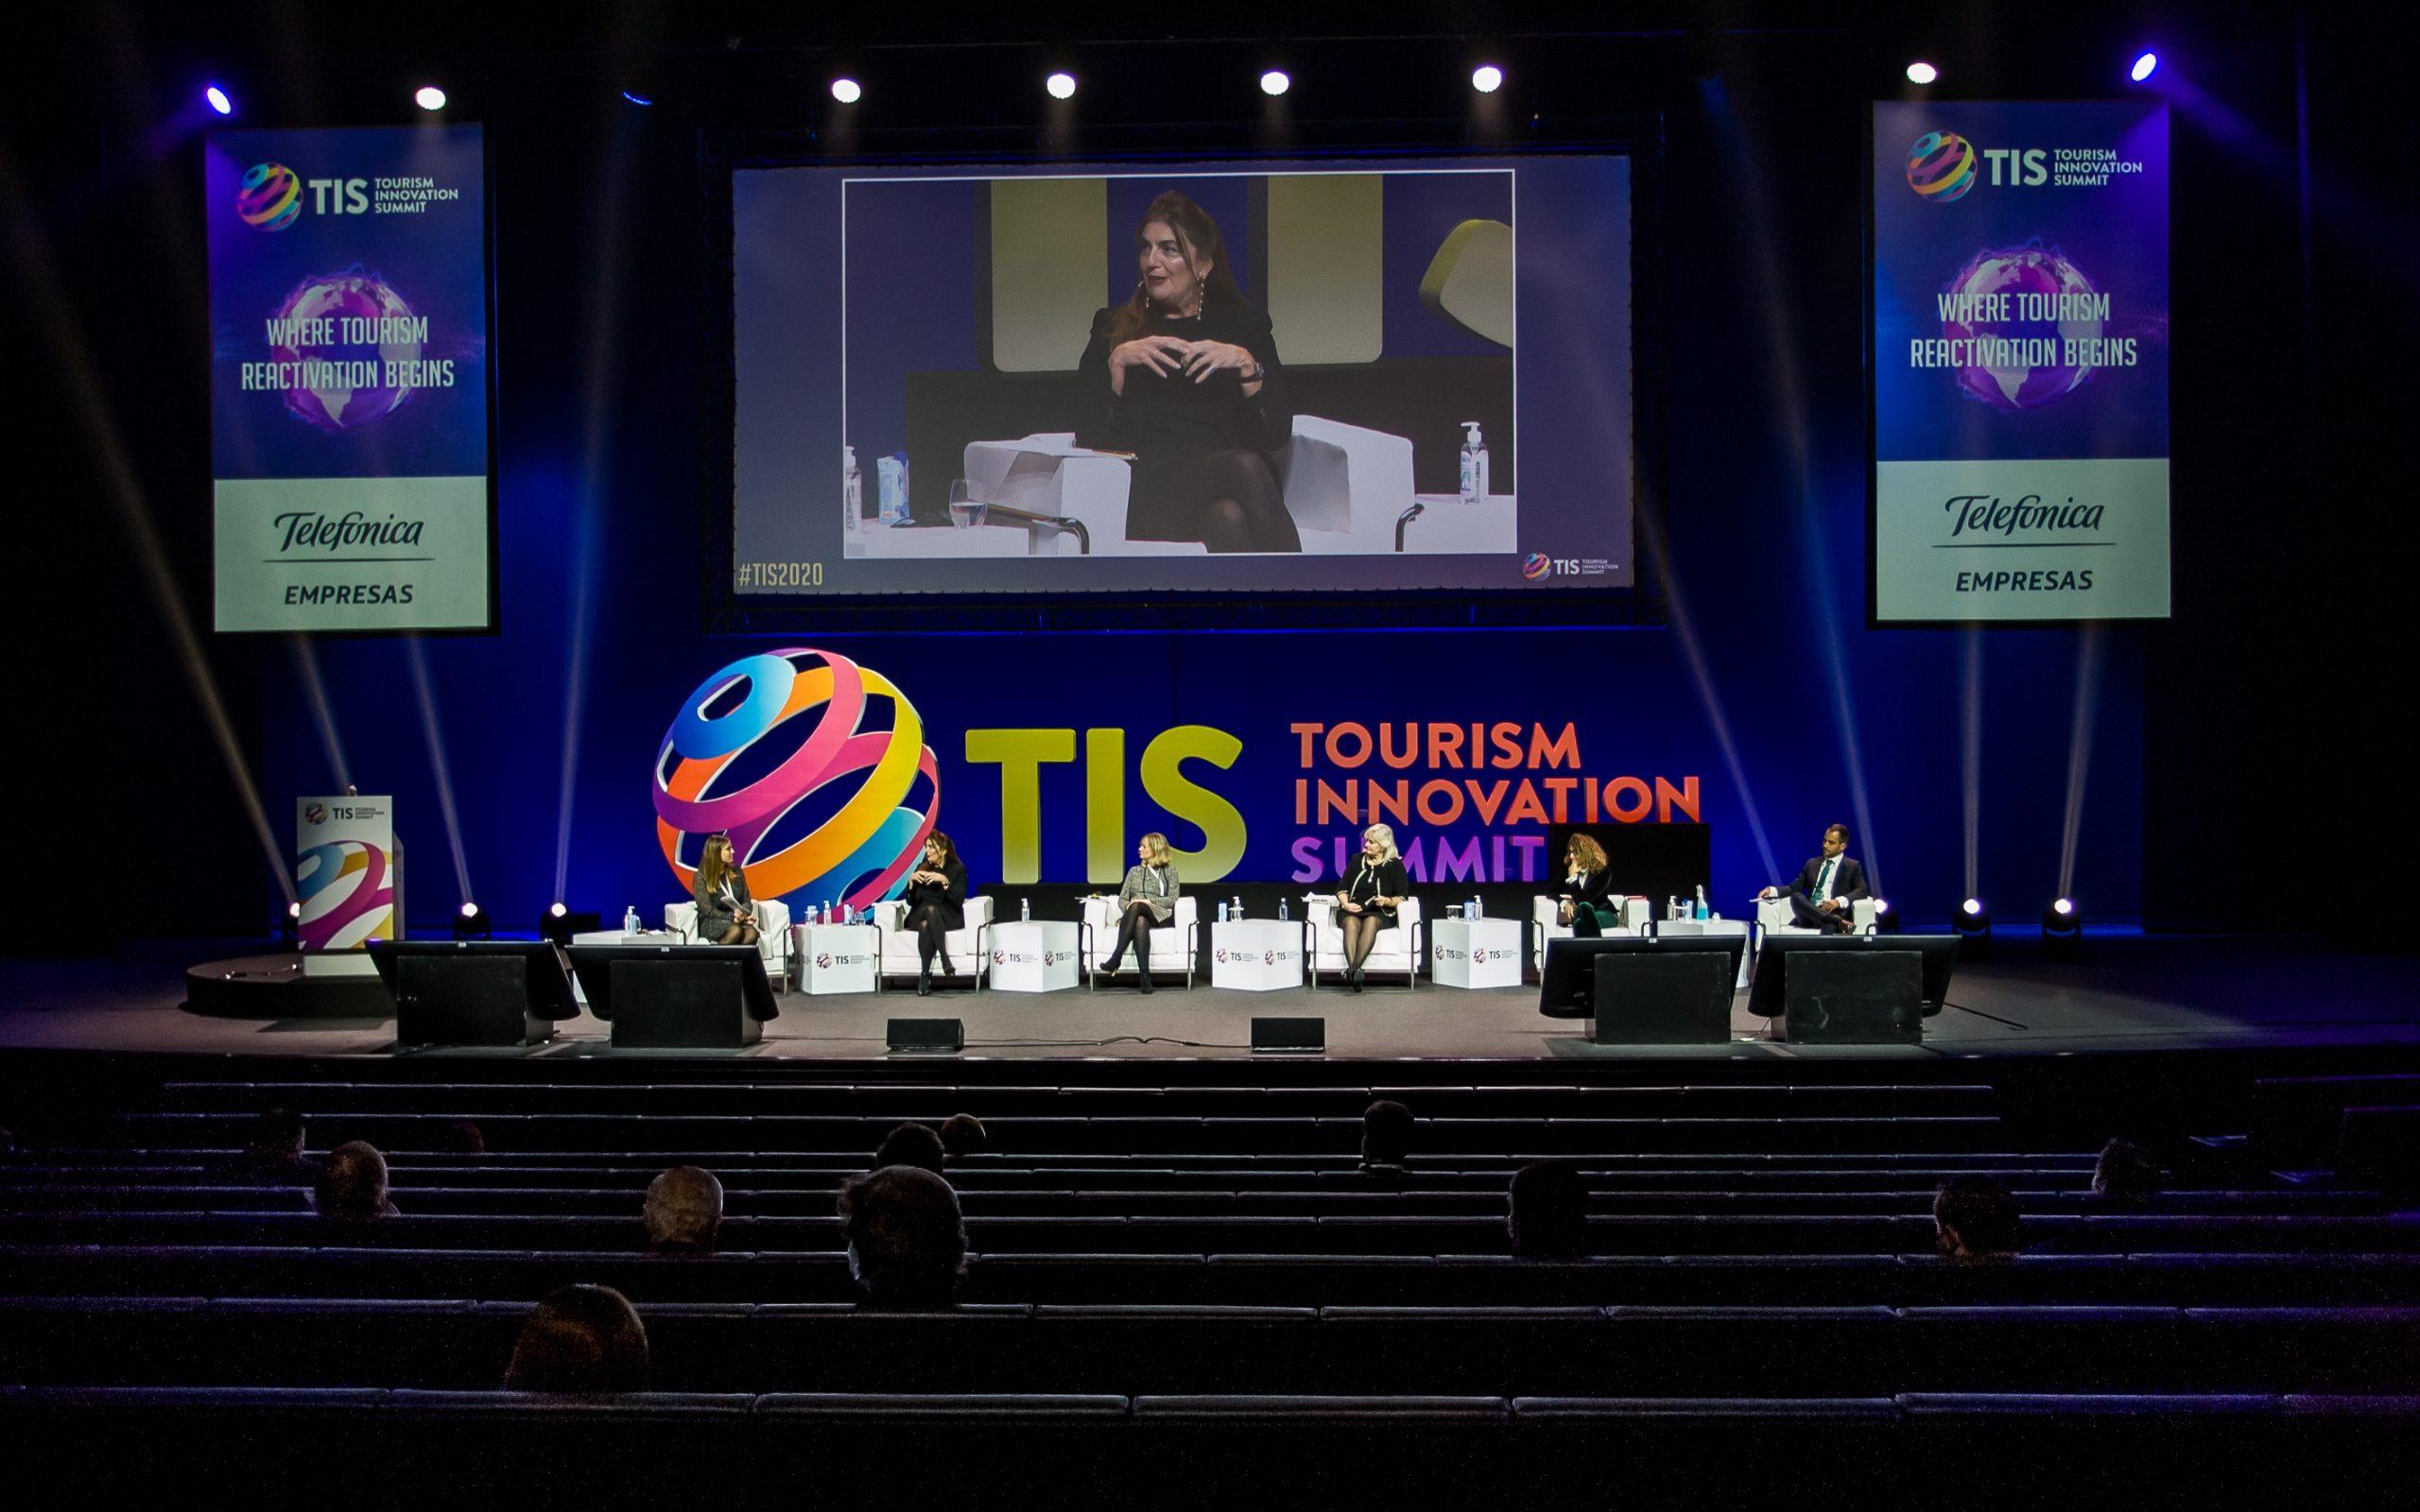 Destinos turísticos como Creta, Bulgaria, Jordania o México compartirán en TIS2021 cómo recuperar la confianza del viajero